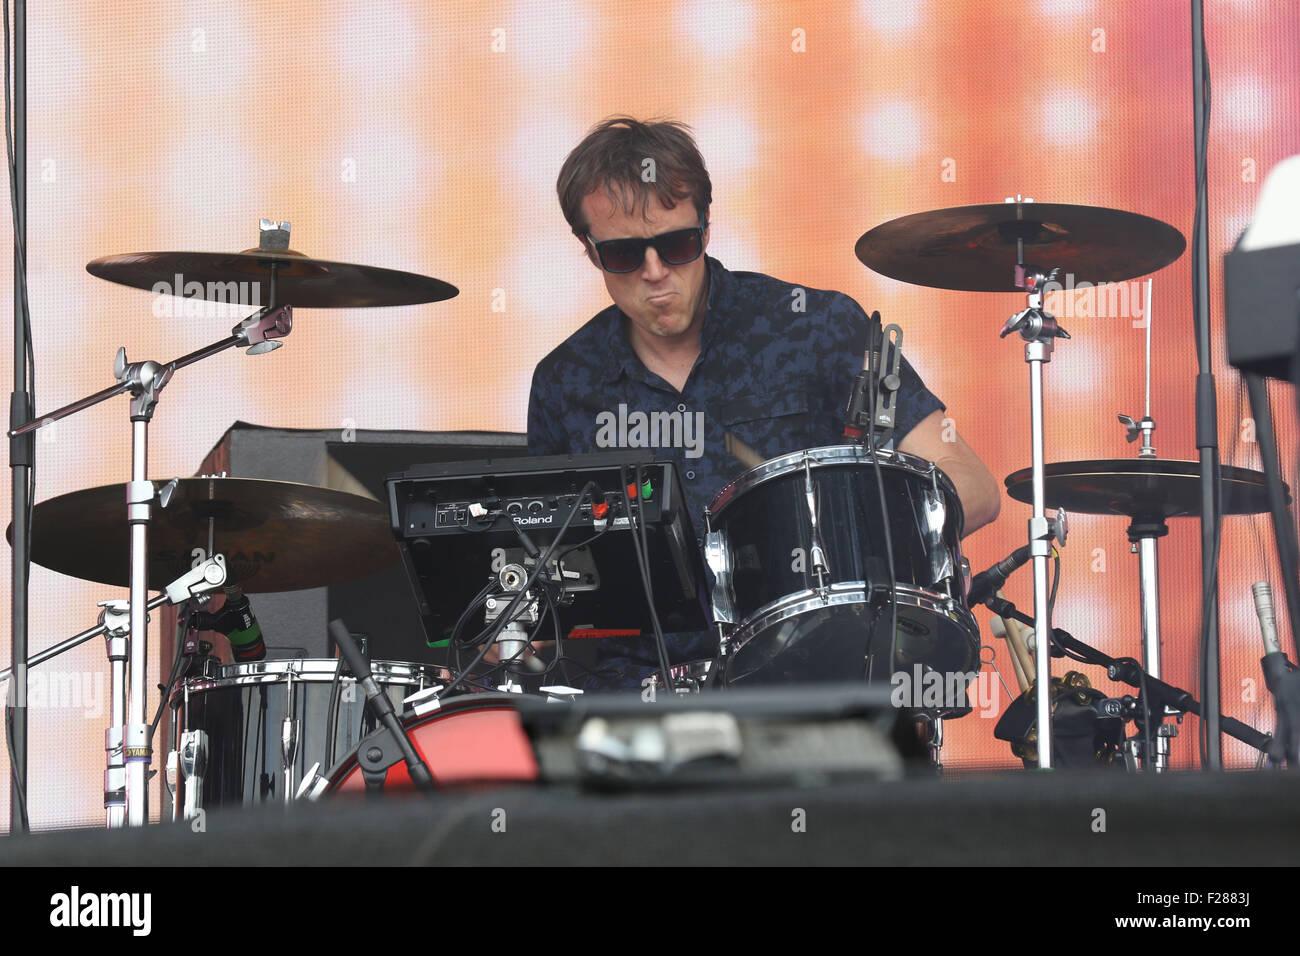 GAZ 69 - Drummer